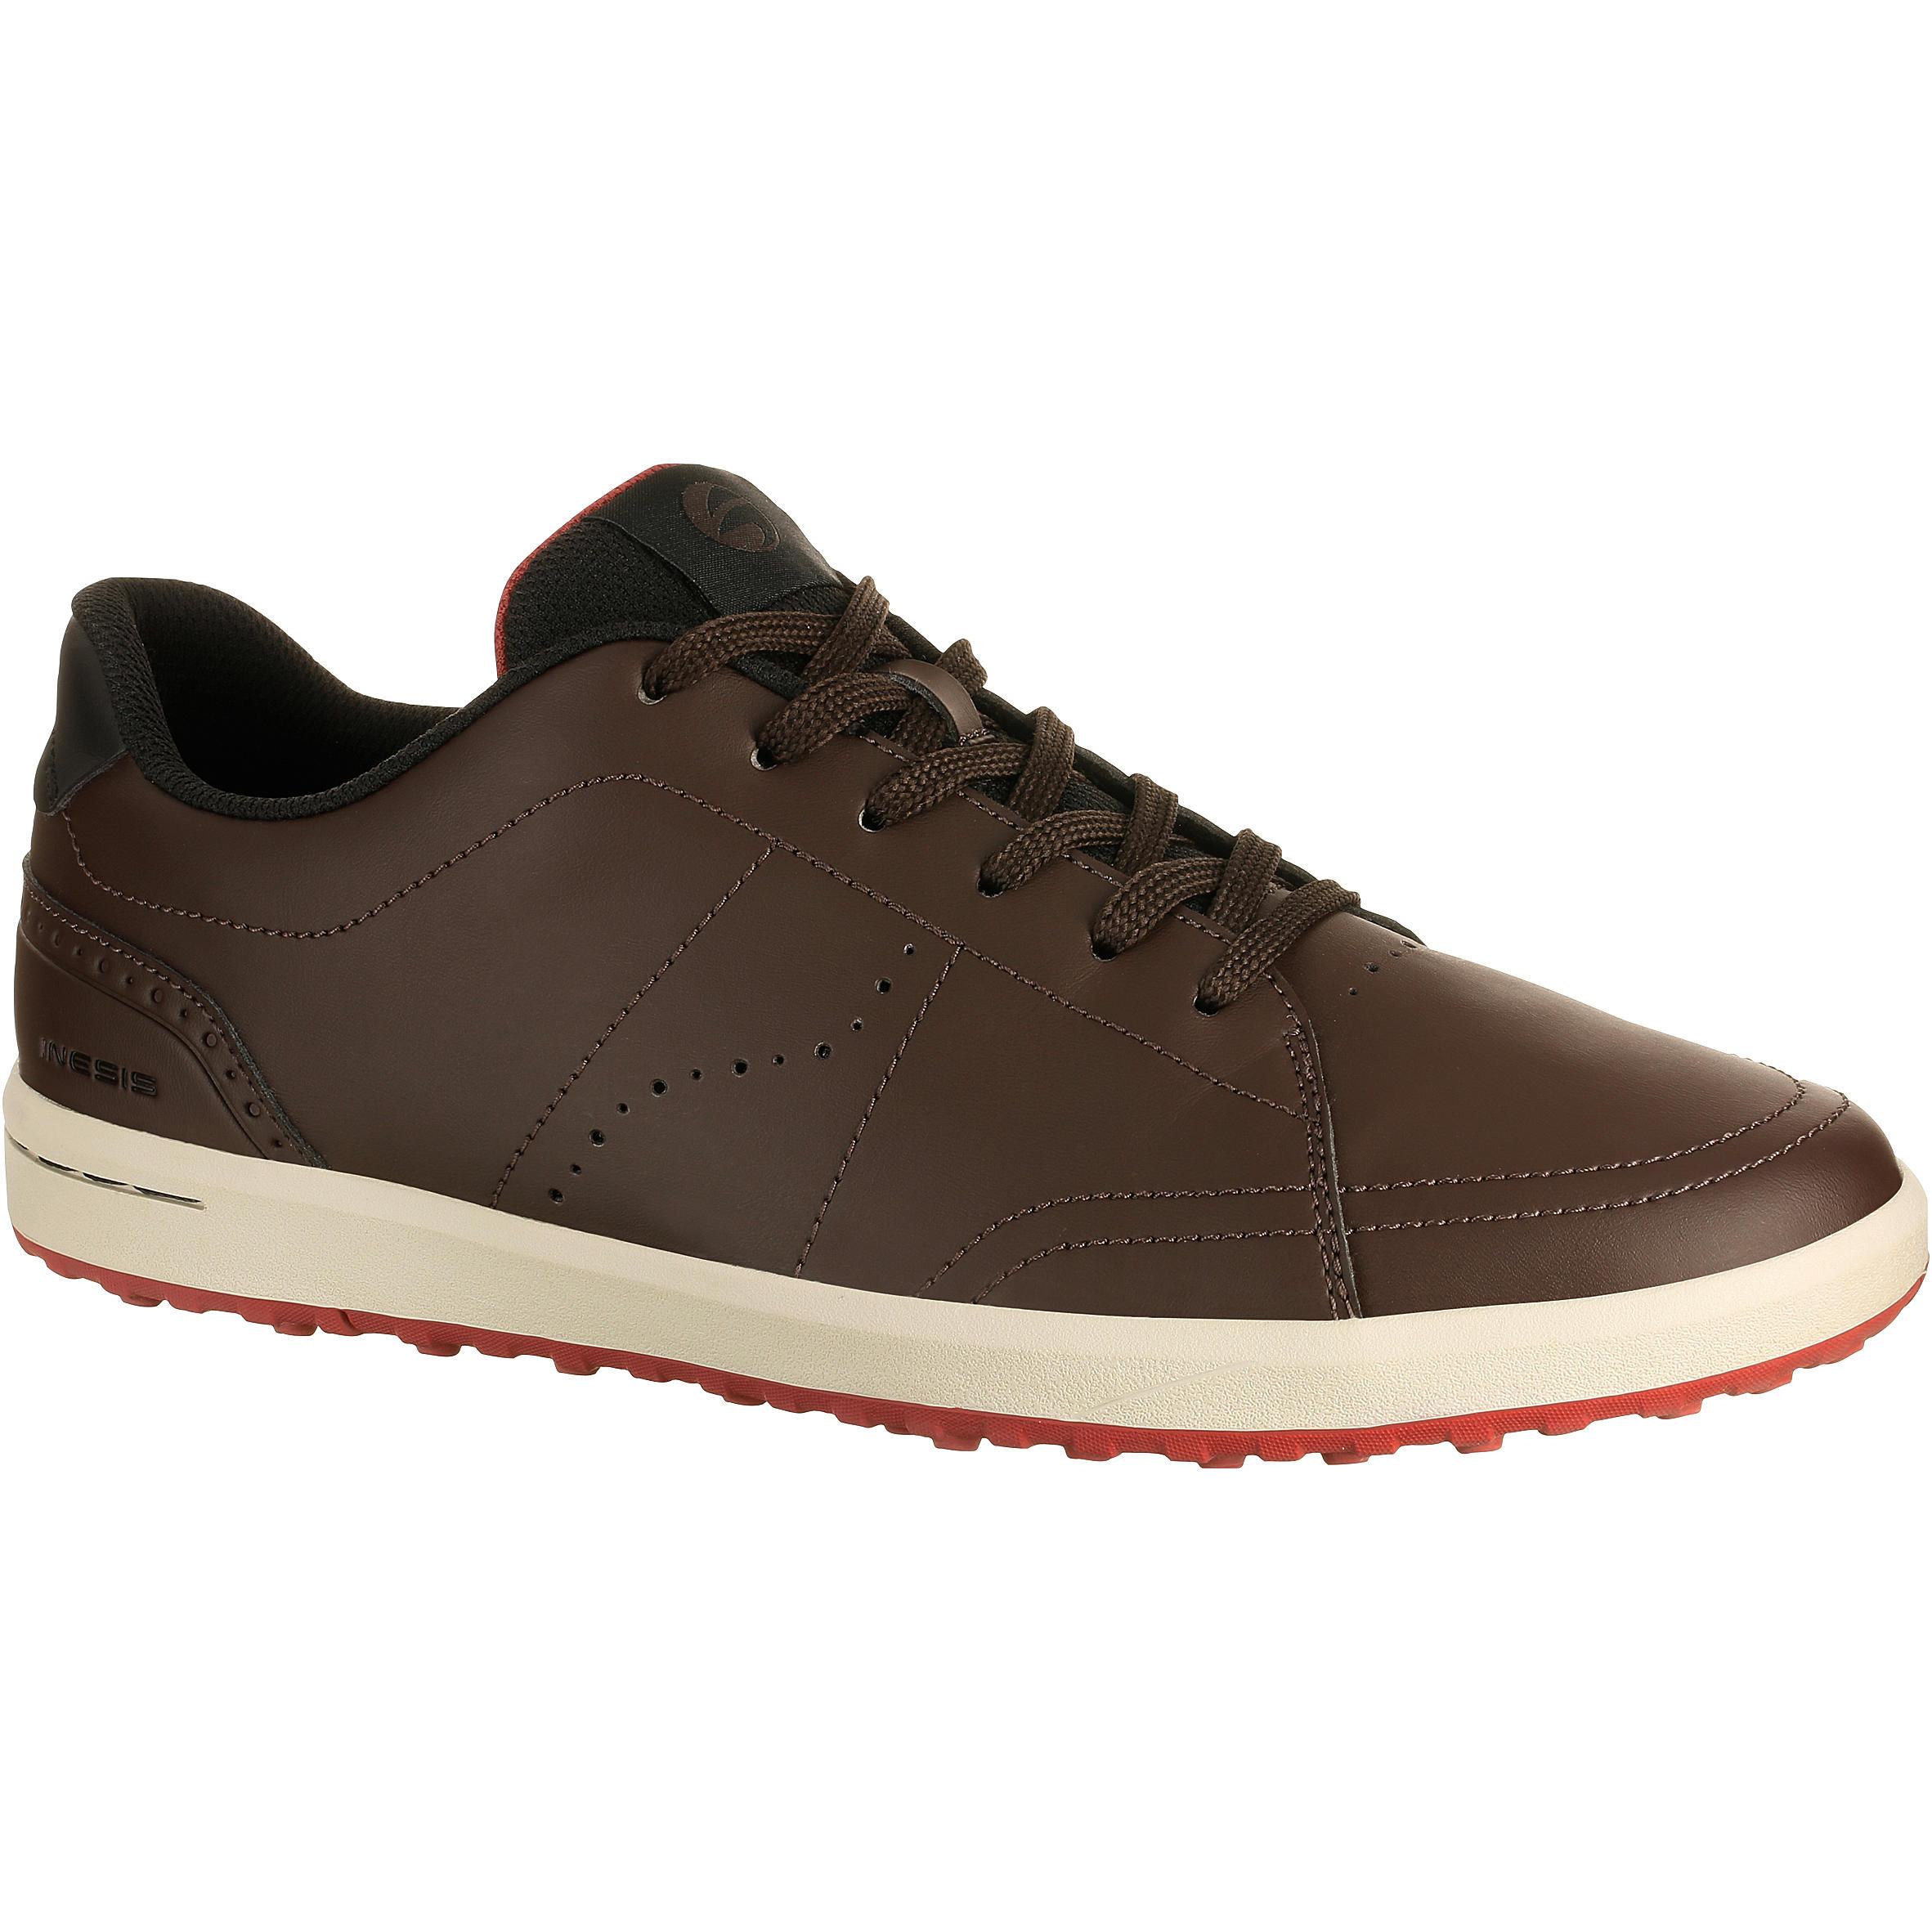 Spikeless 100 Men's Golf Shoes - Brown